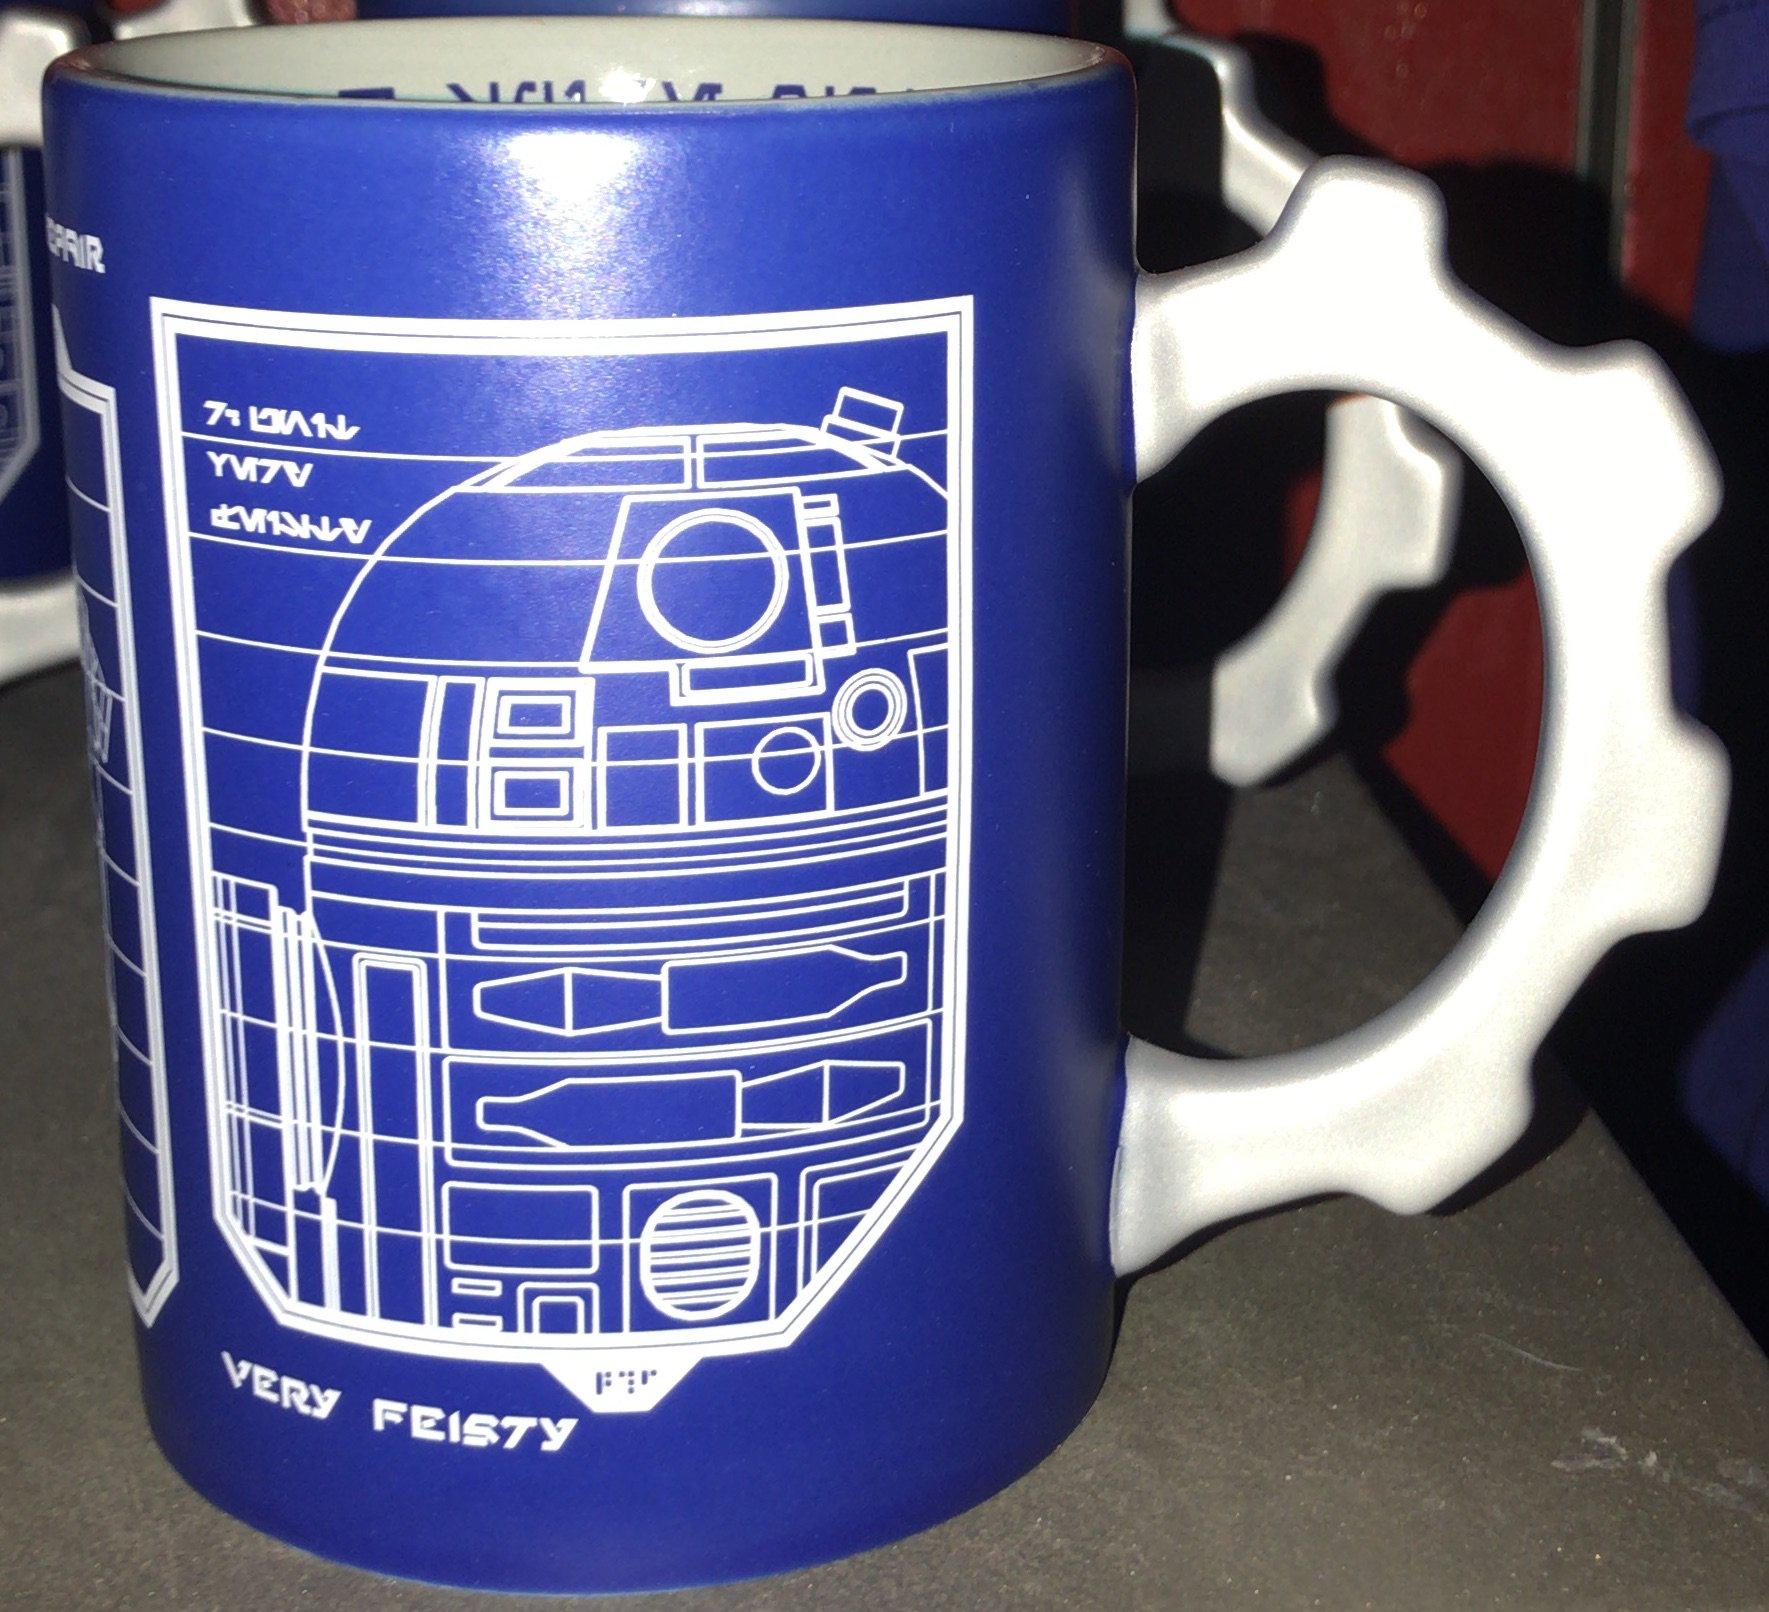 SWGE R2-D2 & BB-8 Schematic Sketch Coffee Mug 1